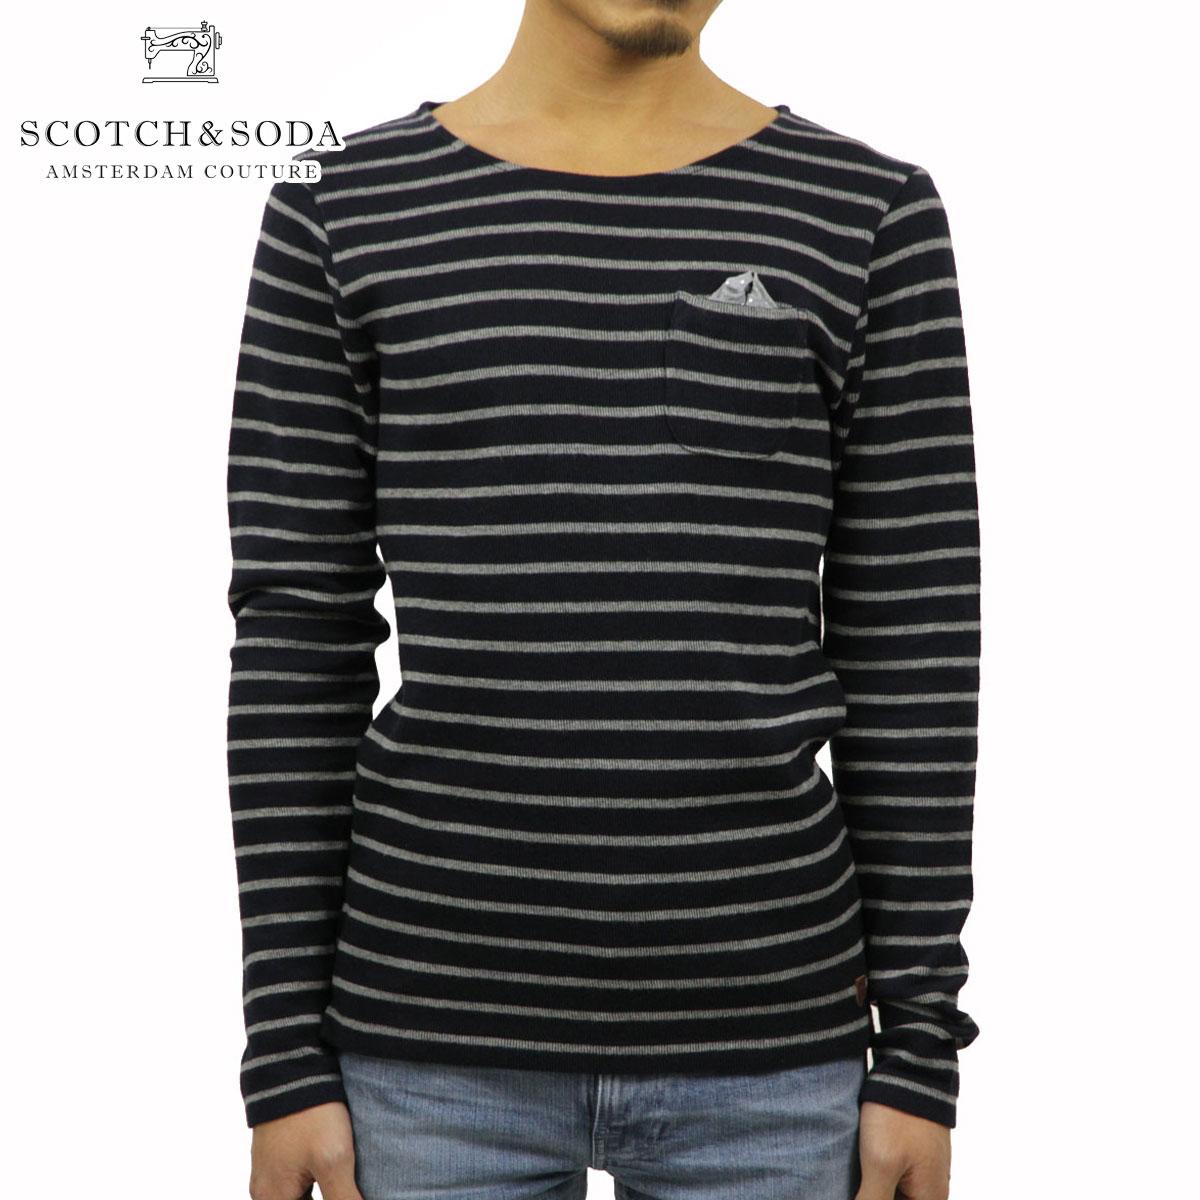 【販売期間 11/10 10:00~11/13 9:59】 スコッチアンドソーダ SCOTCH&SODA 正規販売店 メンズ 長袖Tシャツ CREWNECK SWEAT 50020 A